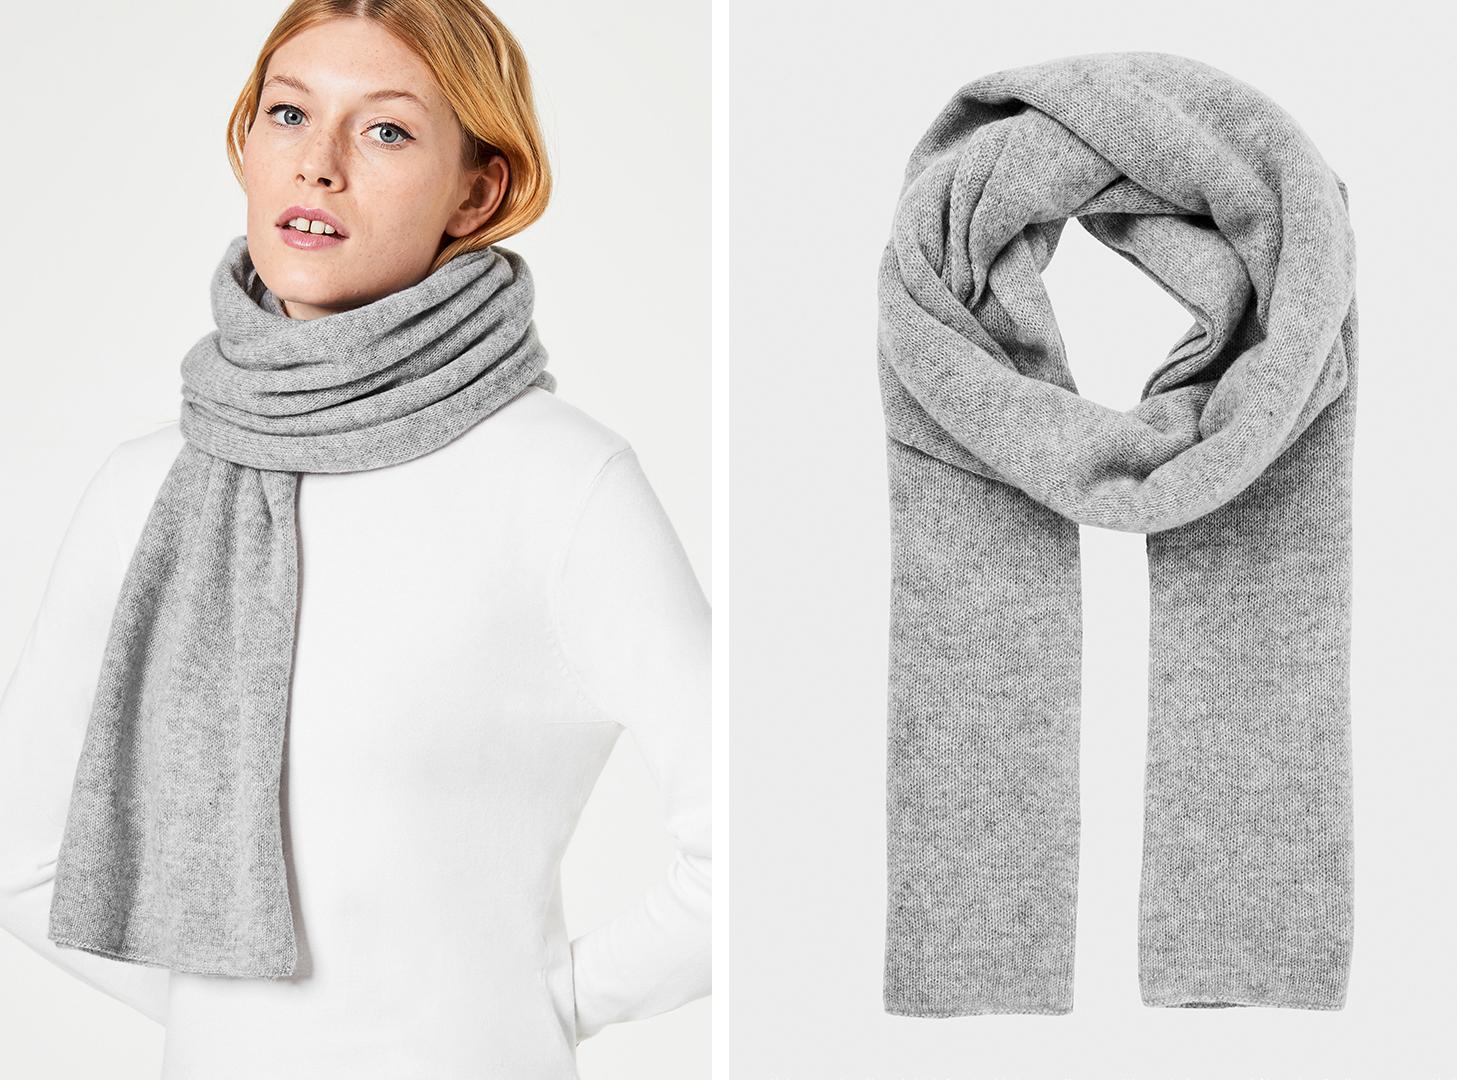 schnüren in Entdecken Sie die neuesten Trends Shop für authentische Blog Adventskalender: Kaschmir Set Hallhuber & Volle Knolle ...